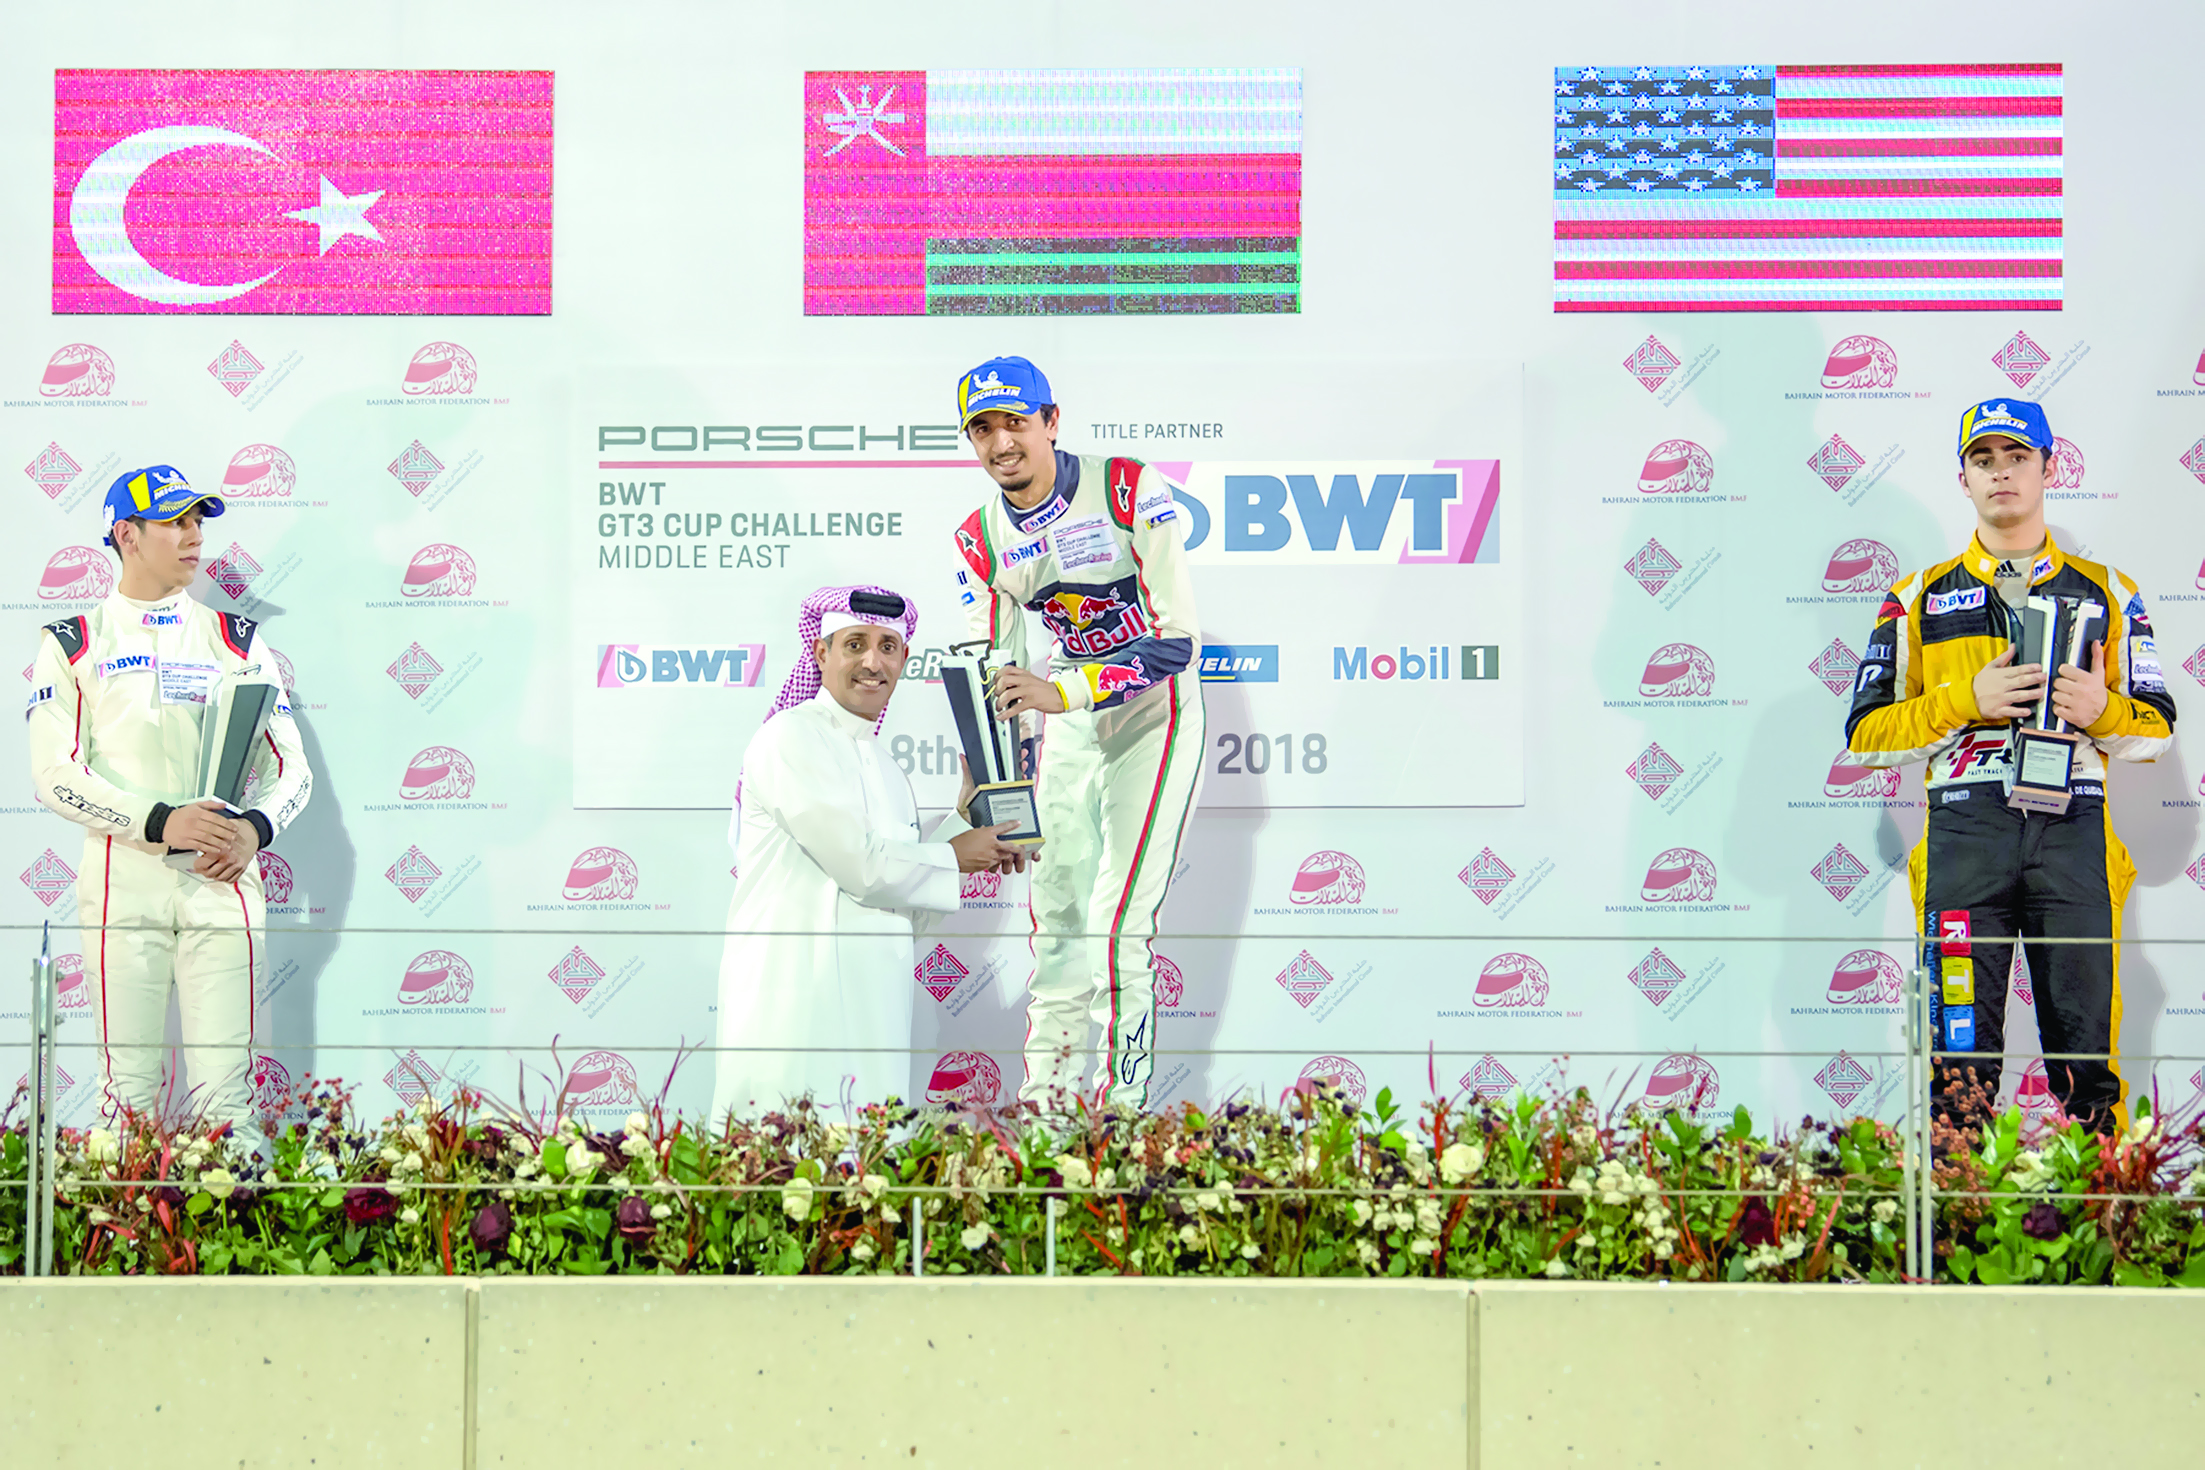 في بُطولة تحدي كأس بورشهالفيصل يواصل تألقه على منصات التتويج في البحرين